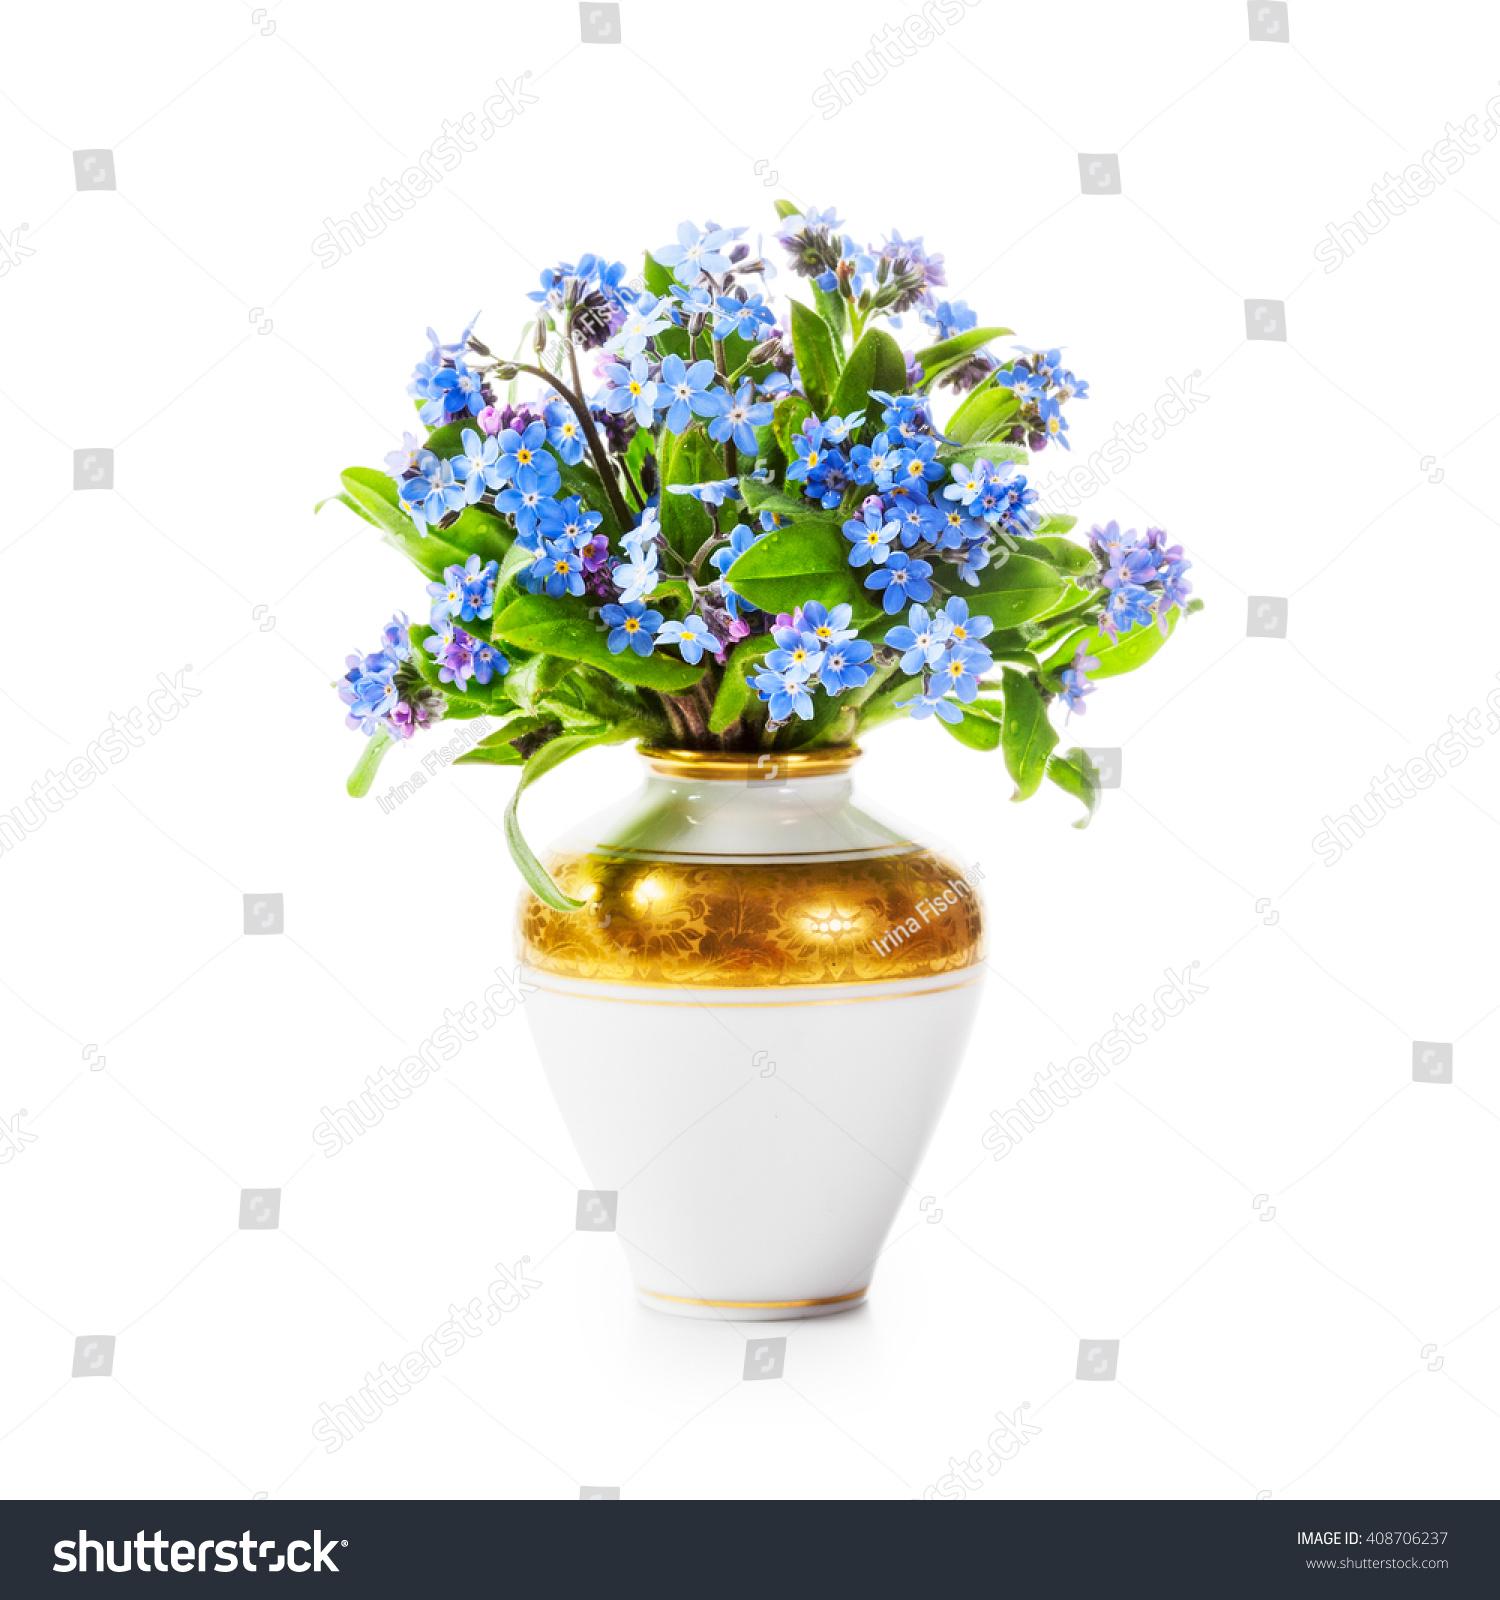 Unique Flower Bouquet Clarksdale Ms Elaboration - Wedding and ...